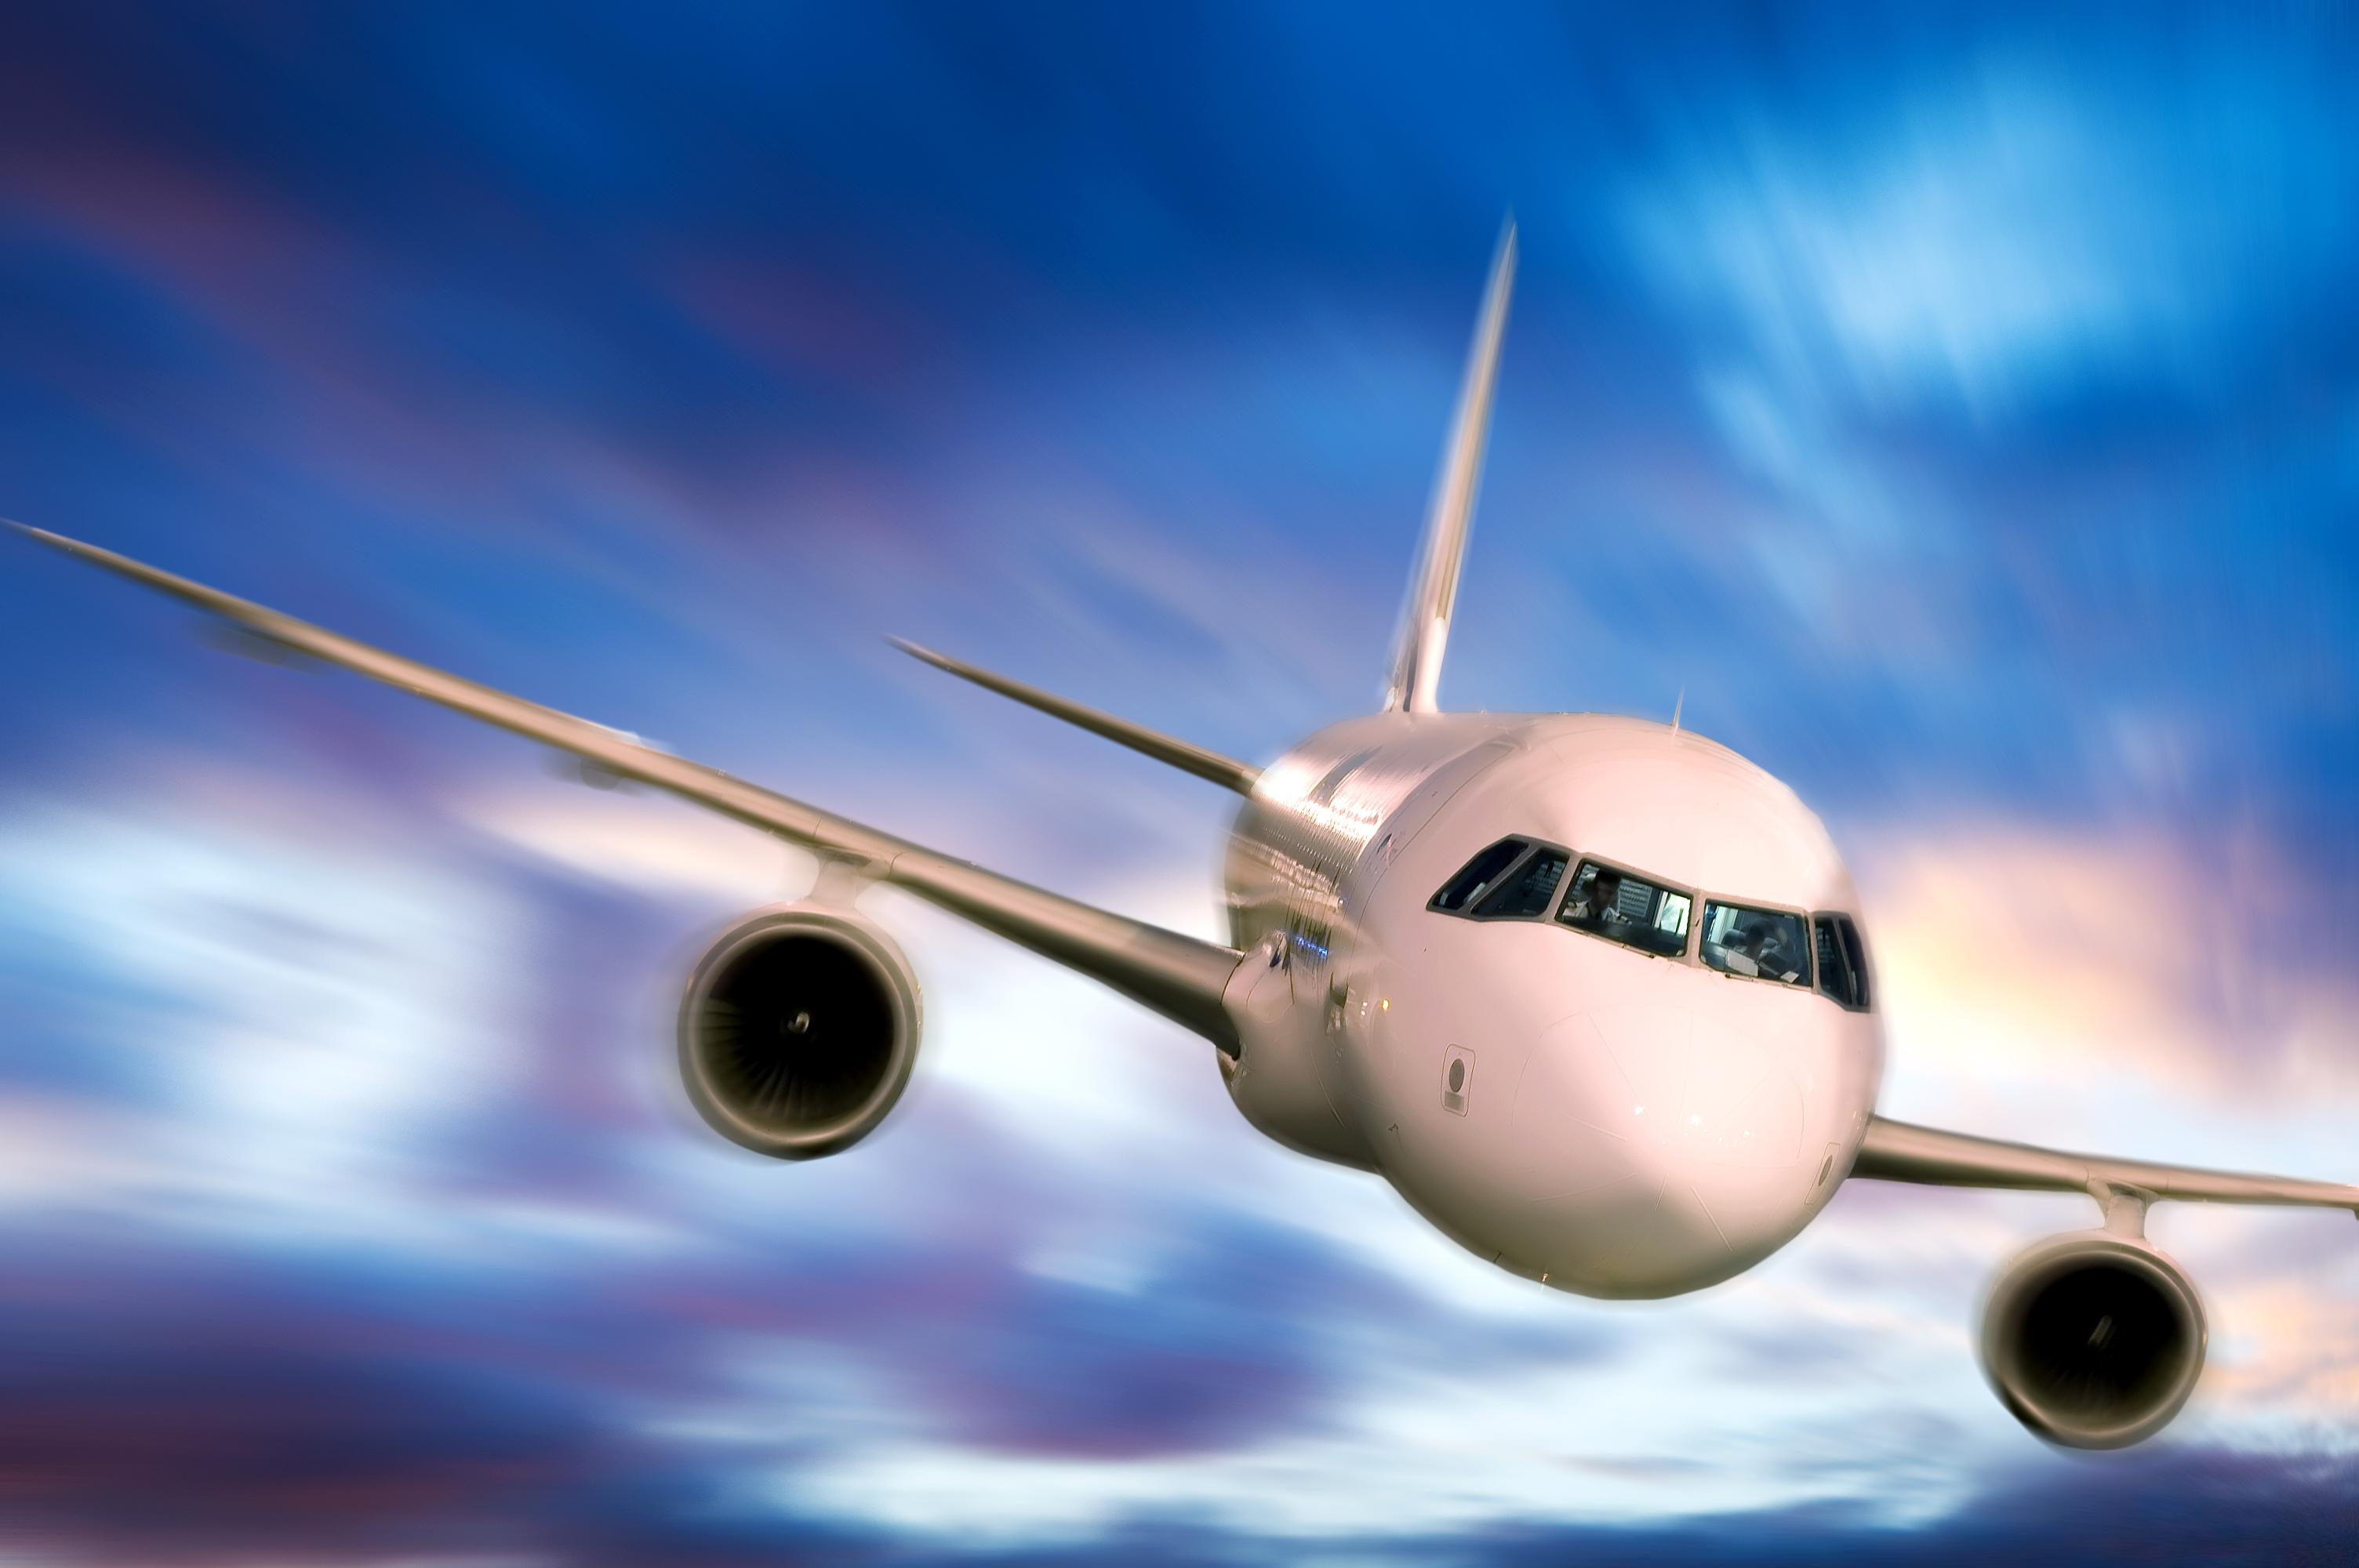 کدام صندلی هنگام سقوط هواپیما ایمنتر است؟